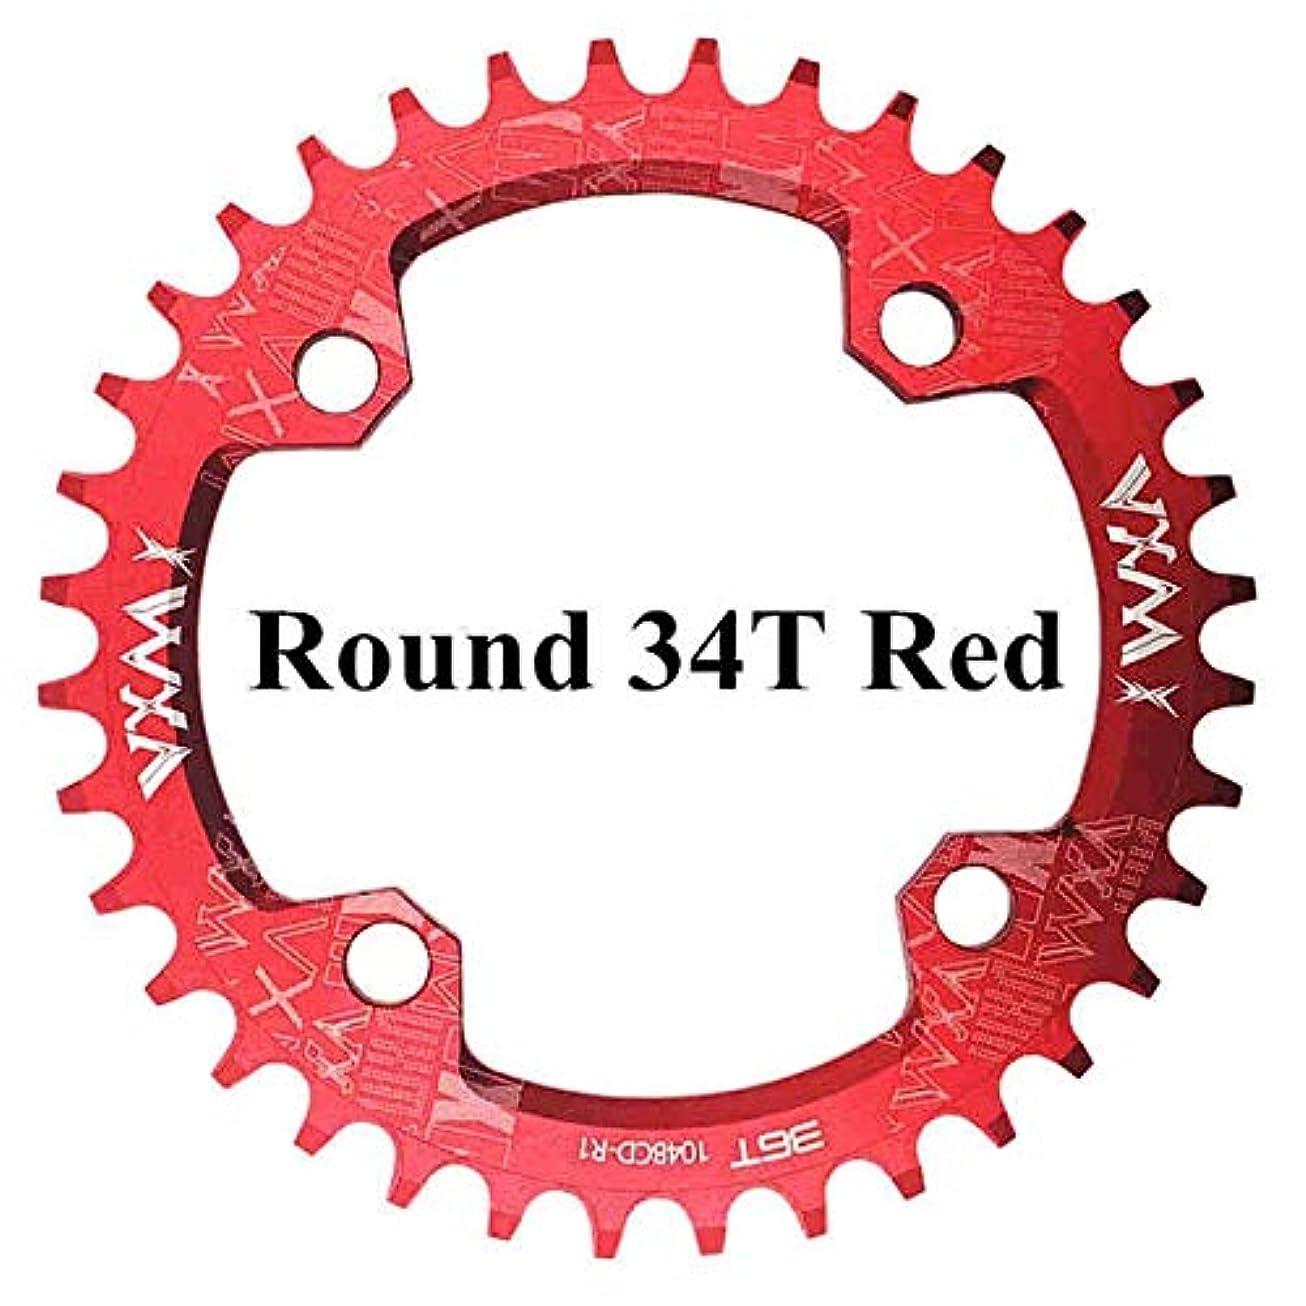 アーティスト沿ってラフトPropenary - 自転車104BCDクランクオーバルラウンド30T 32T 34T 36T 38T 40T 42T 44T 46T 48T 50T 52TチェーンホイールXT狭い広い自転車チェーンリング[ラウンド34Tレッド]